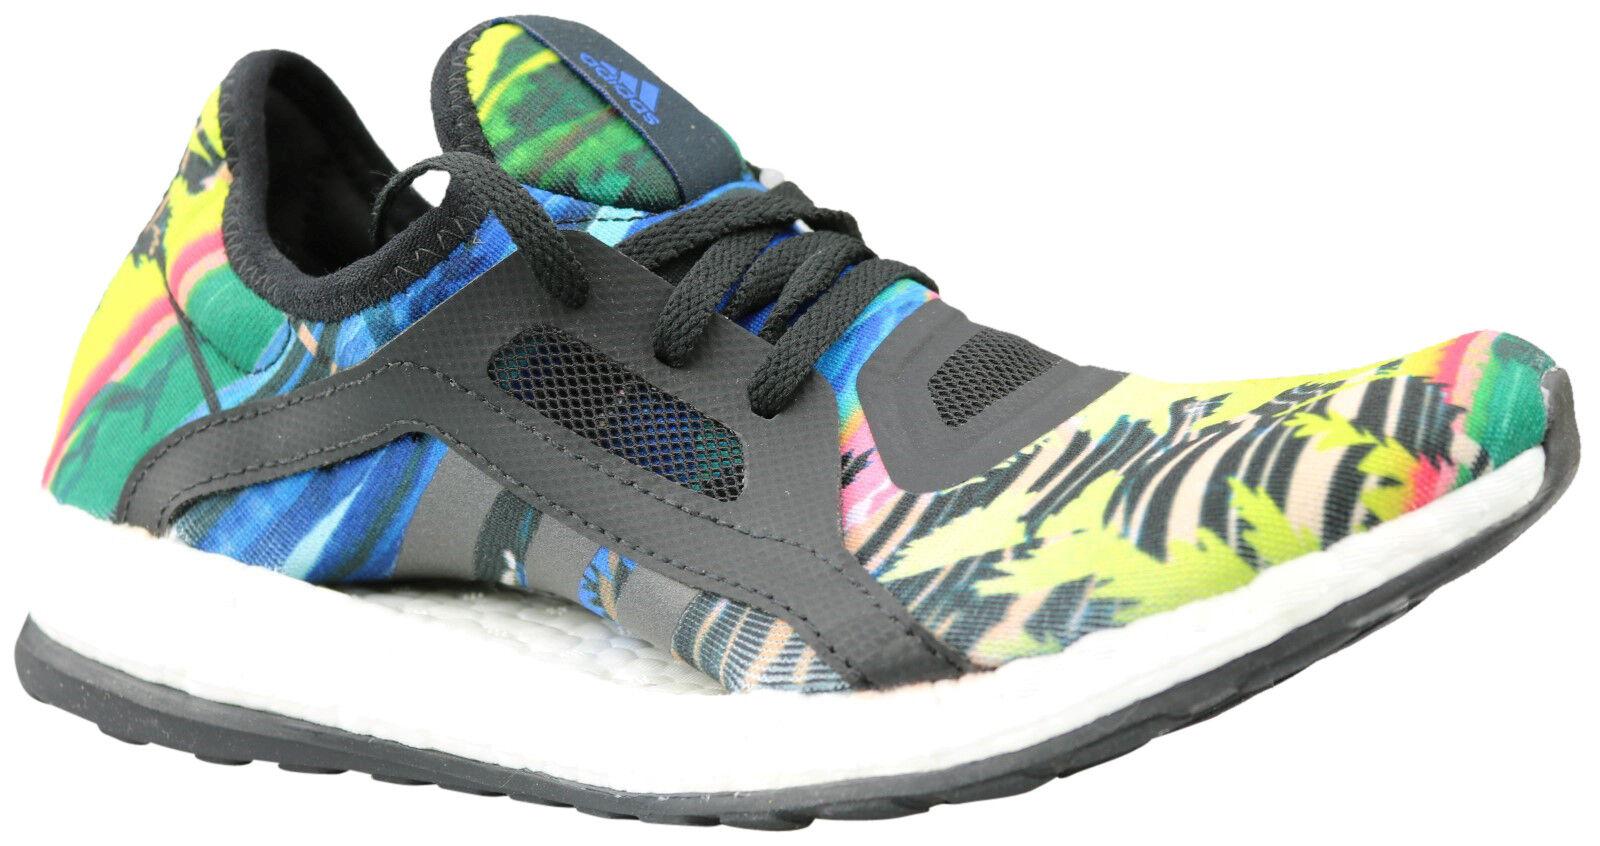 Adidas Pure Boost x pureboost cortos Zapatos señora bb4018 nuevo & OVP